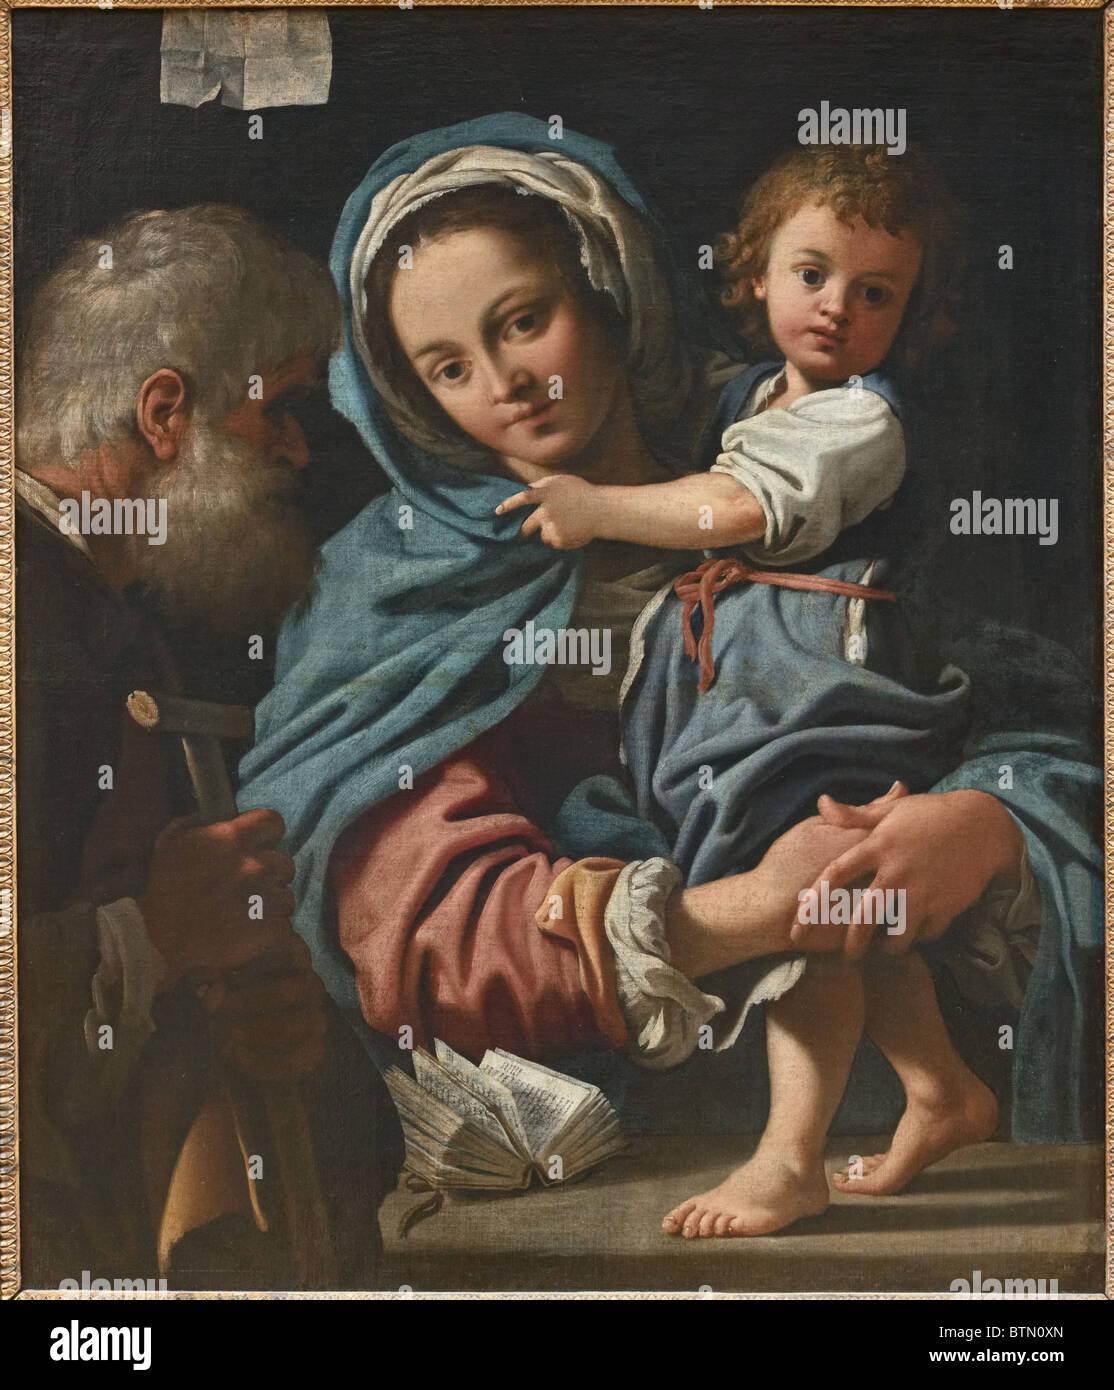 Sainte Famille par l'italien Bartolomeo Schedoni peintre Baroque précoce, c 1610-12 Musée du Louvre, Photo Stock